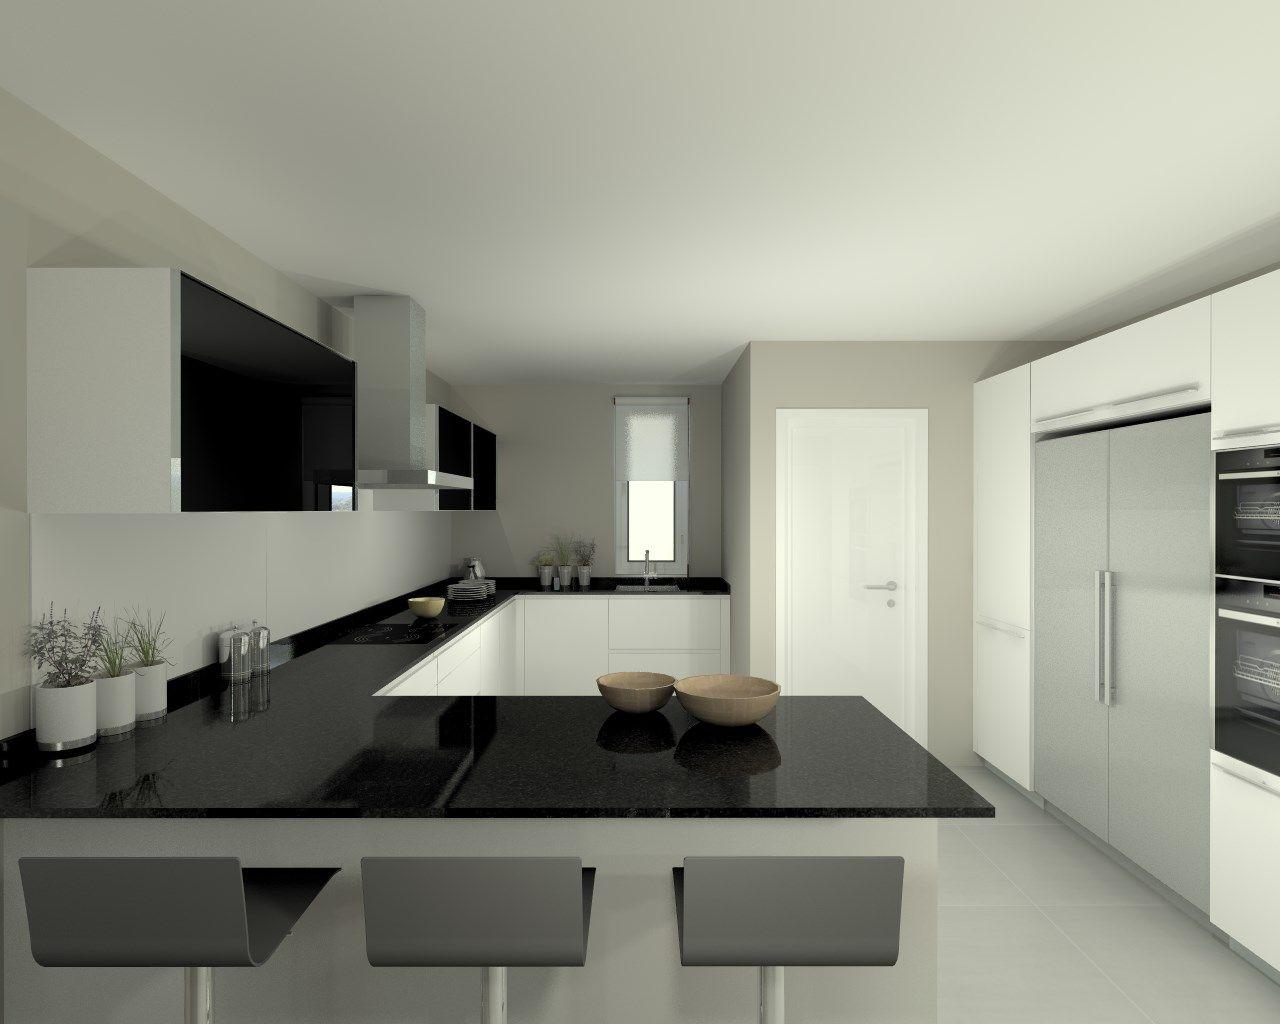 Modelo line e blanco encimera granito negro cocinas for Cocina blanca encimera granito negra